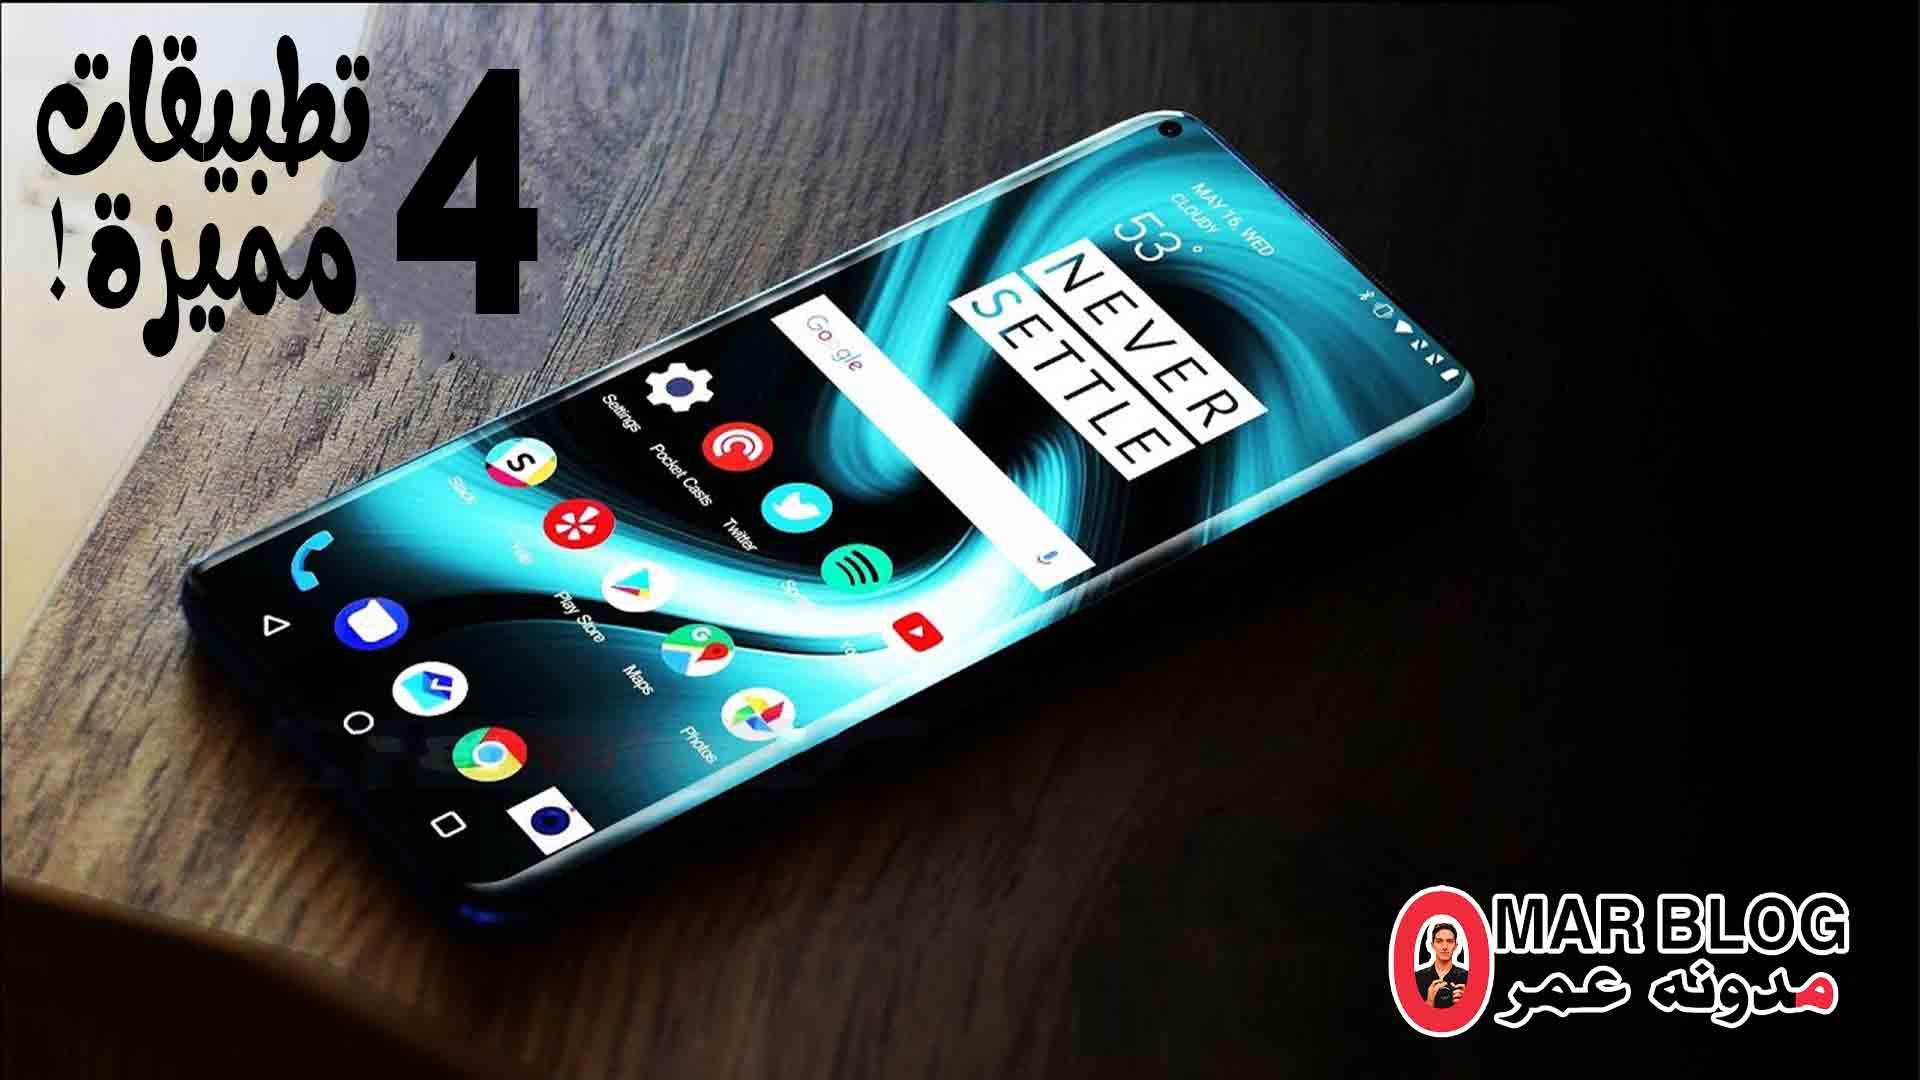 افضل التطبيقات الحديثة والمميزة للاندرويد Android 2020